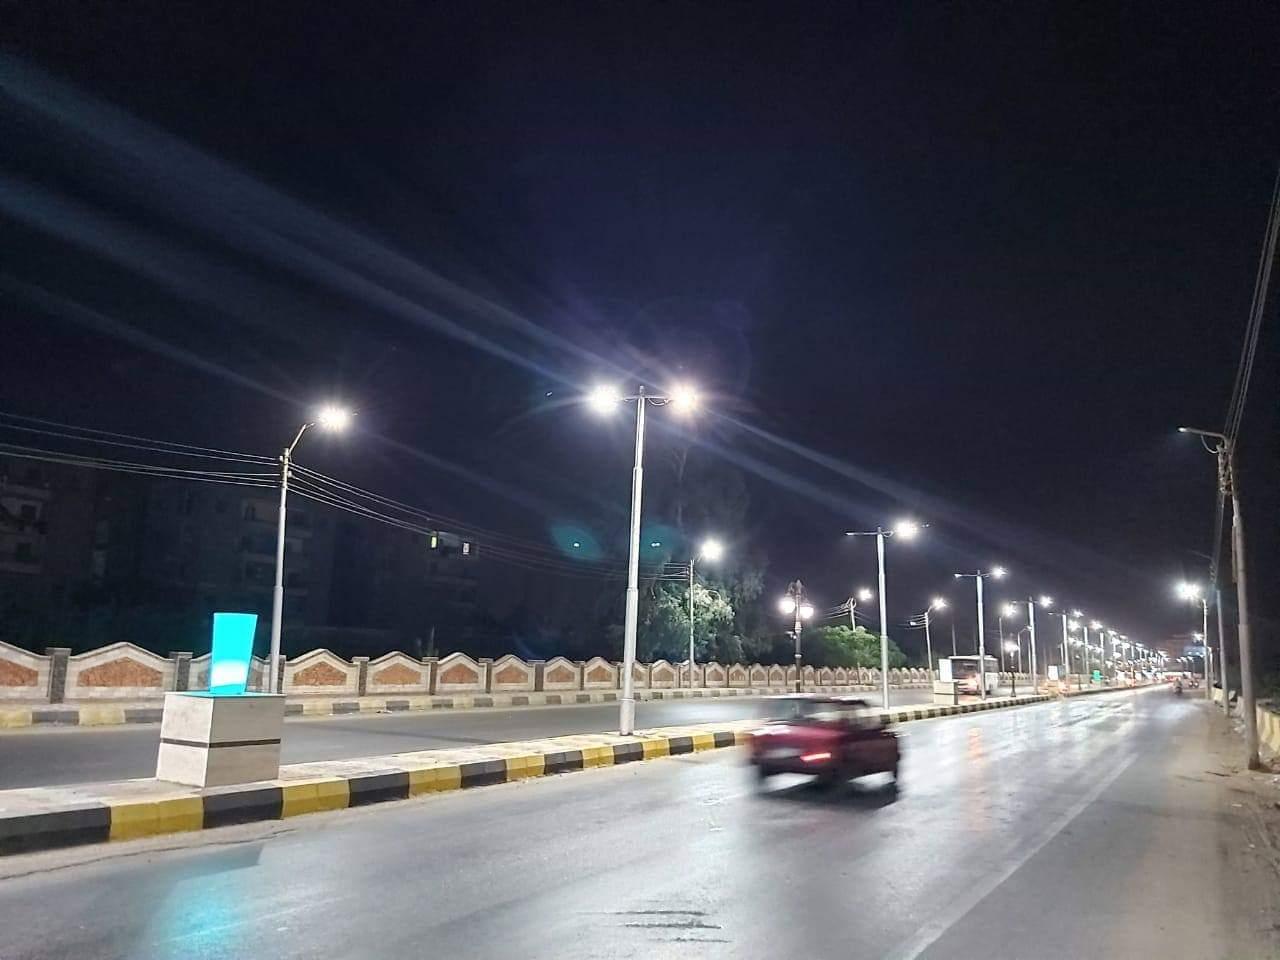 إنارة طريق السحارة بكشافات الليد ضمن مبادرة تطوير الشوارع (3)